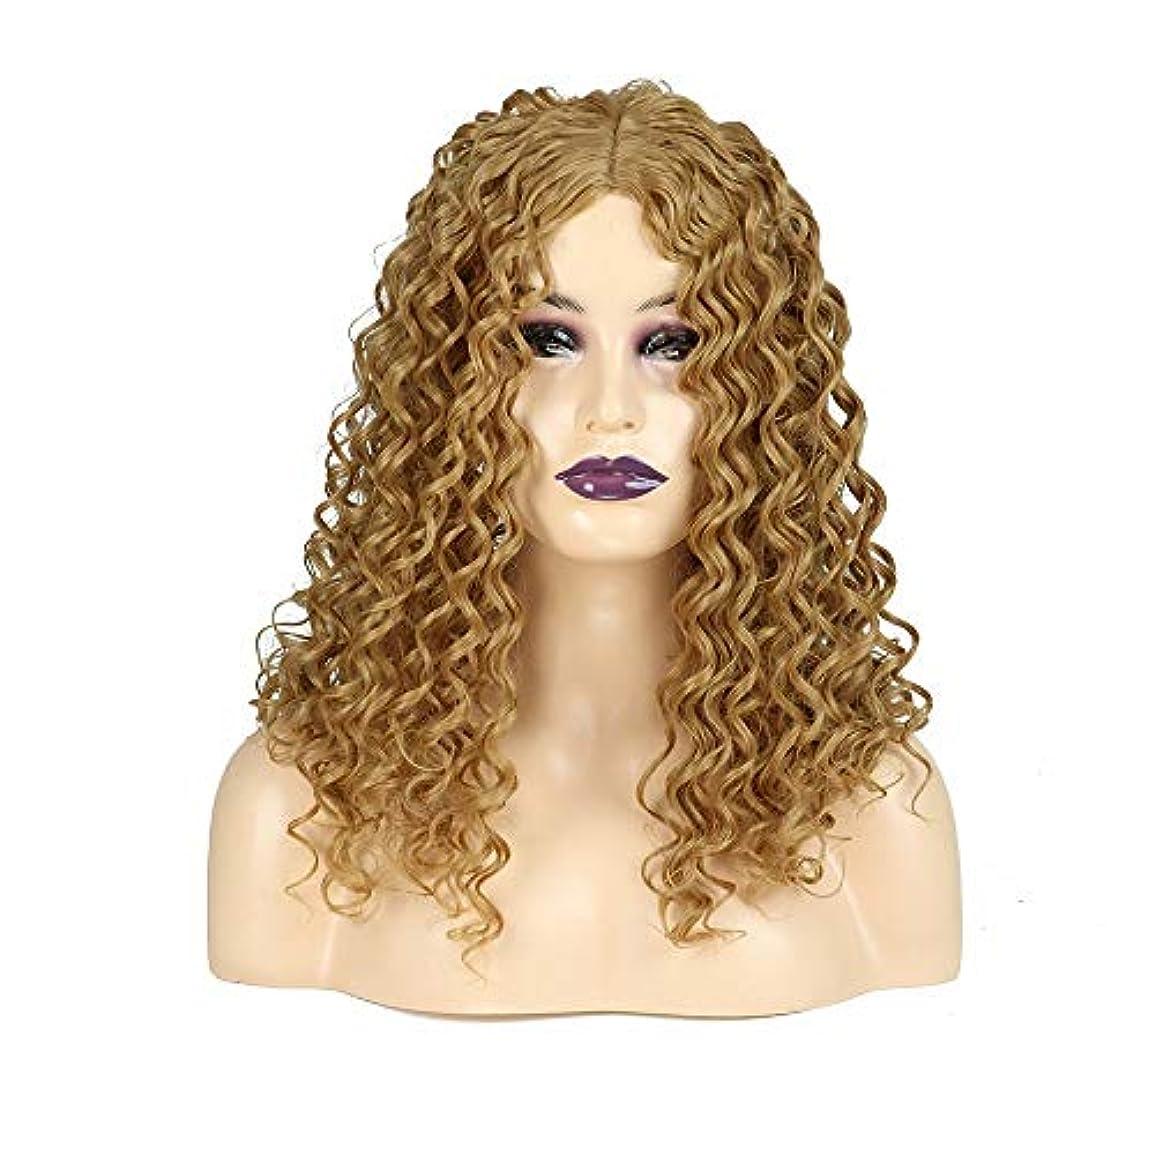 さらにいくつかの同行WASAIO ブロンドの長い巻き毛のかつらアフリカの小さな波熱安全な合成繊維アクセサリースタイルファイバー用女性の毎日のドレス (色 : Blonde)